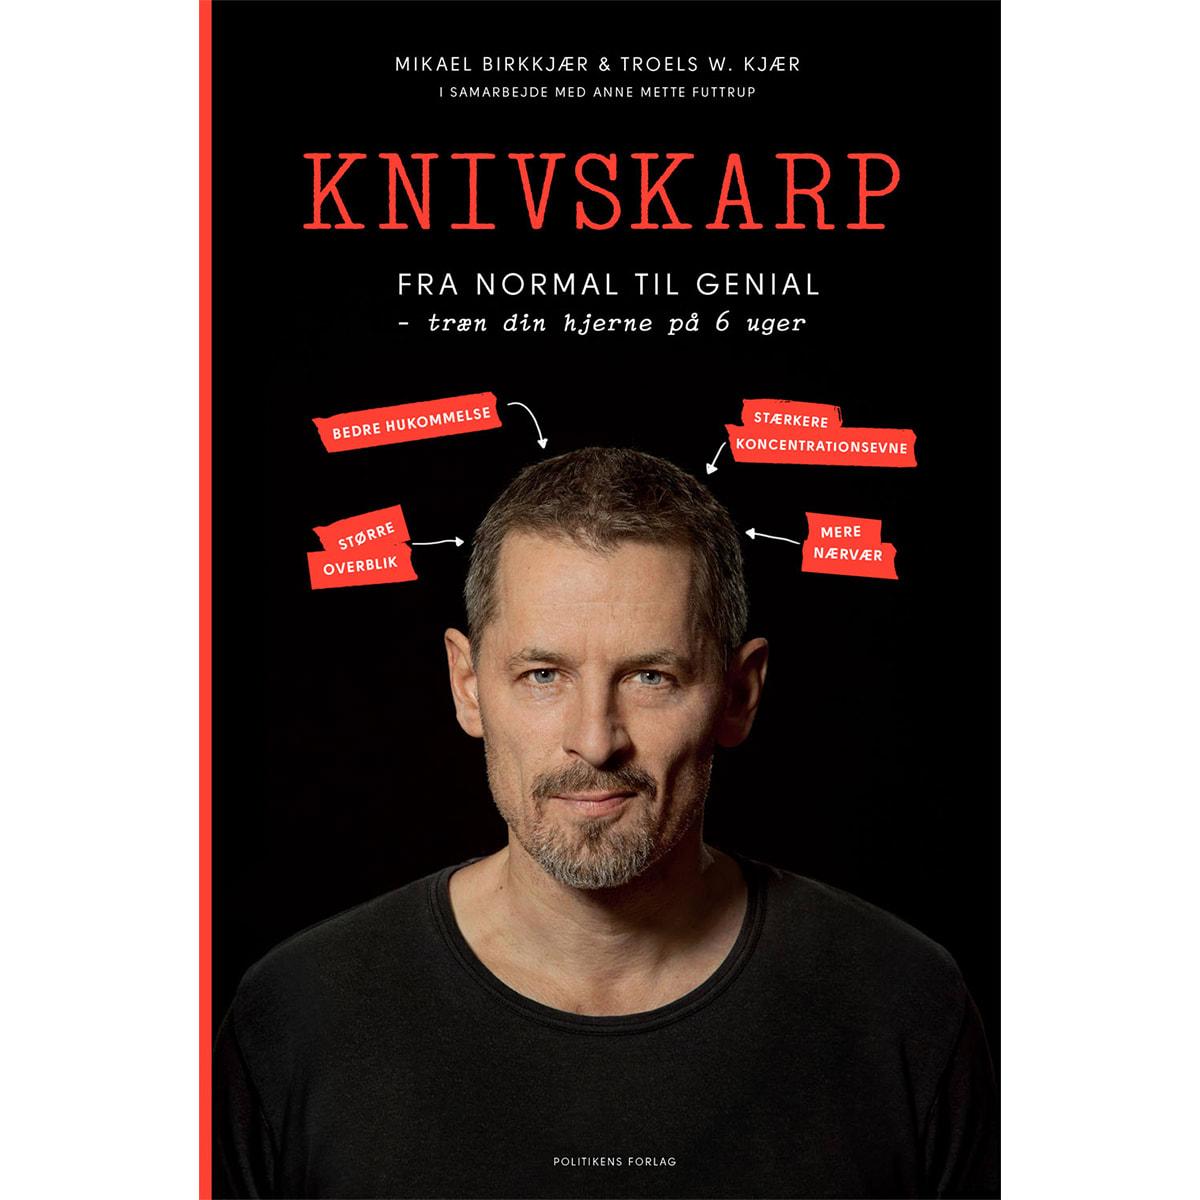 Af Mikael Birkkjær & Troels W. Kjær